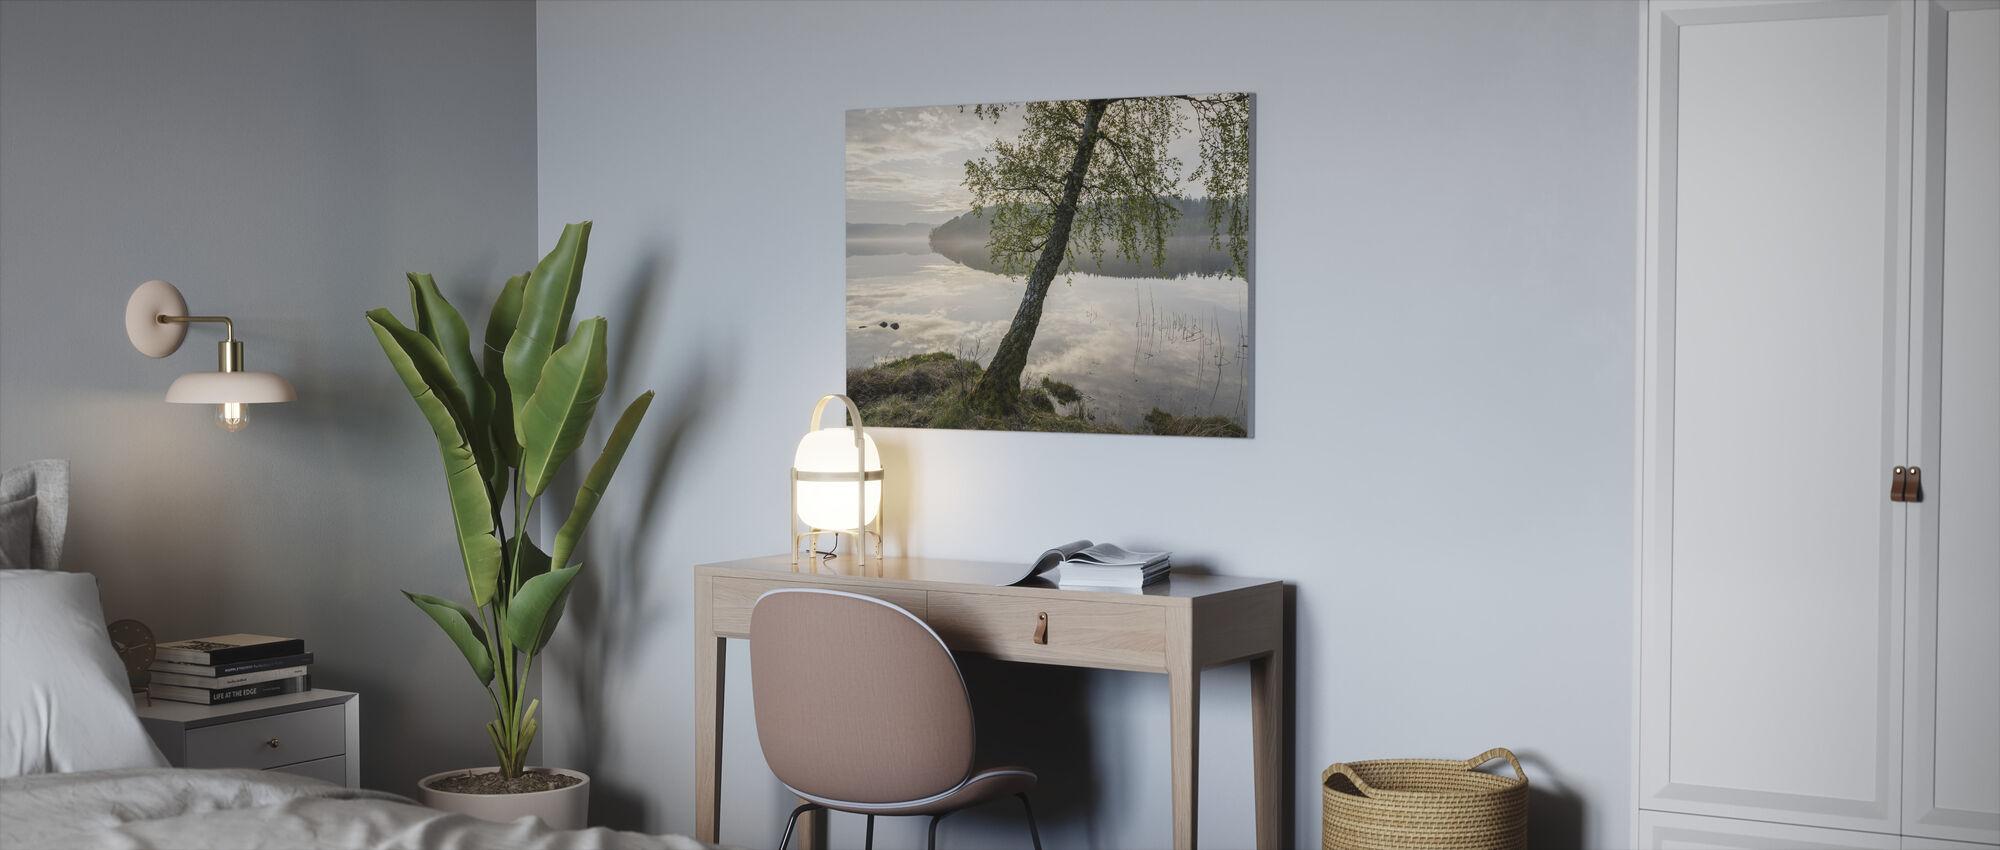 Beautiful Swedish Lake - Canvas print - Office